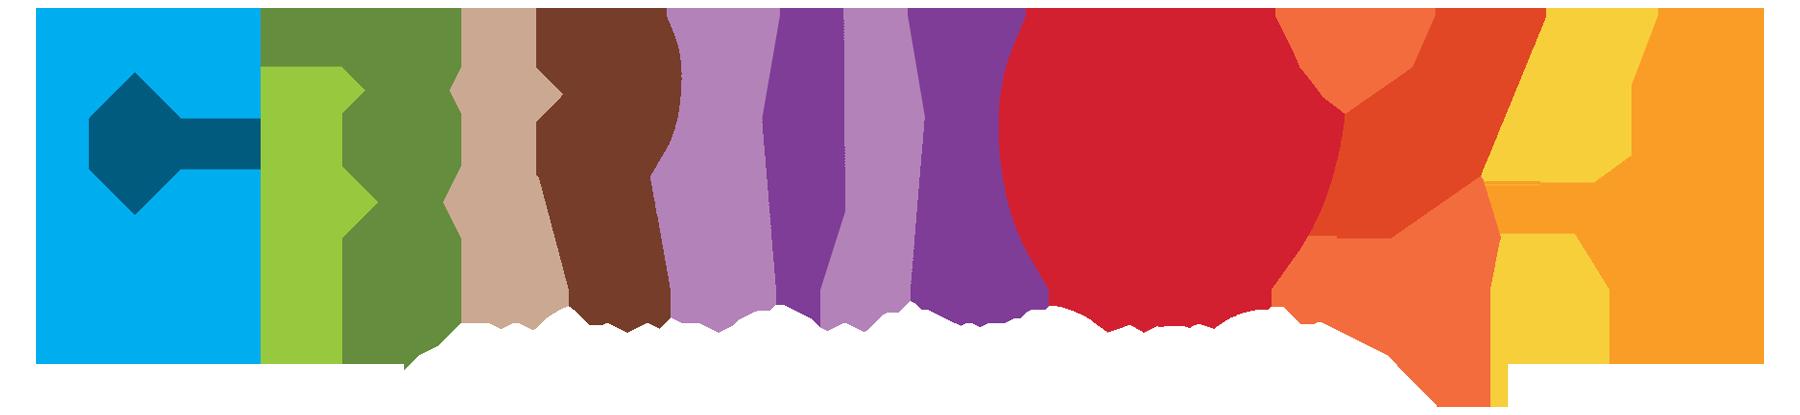 Hermoza Home Beautification logo